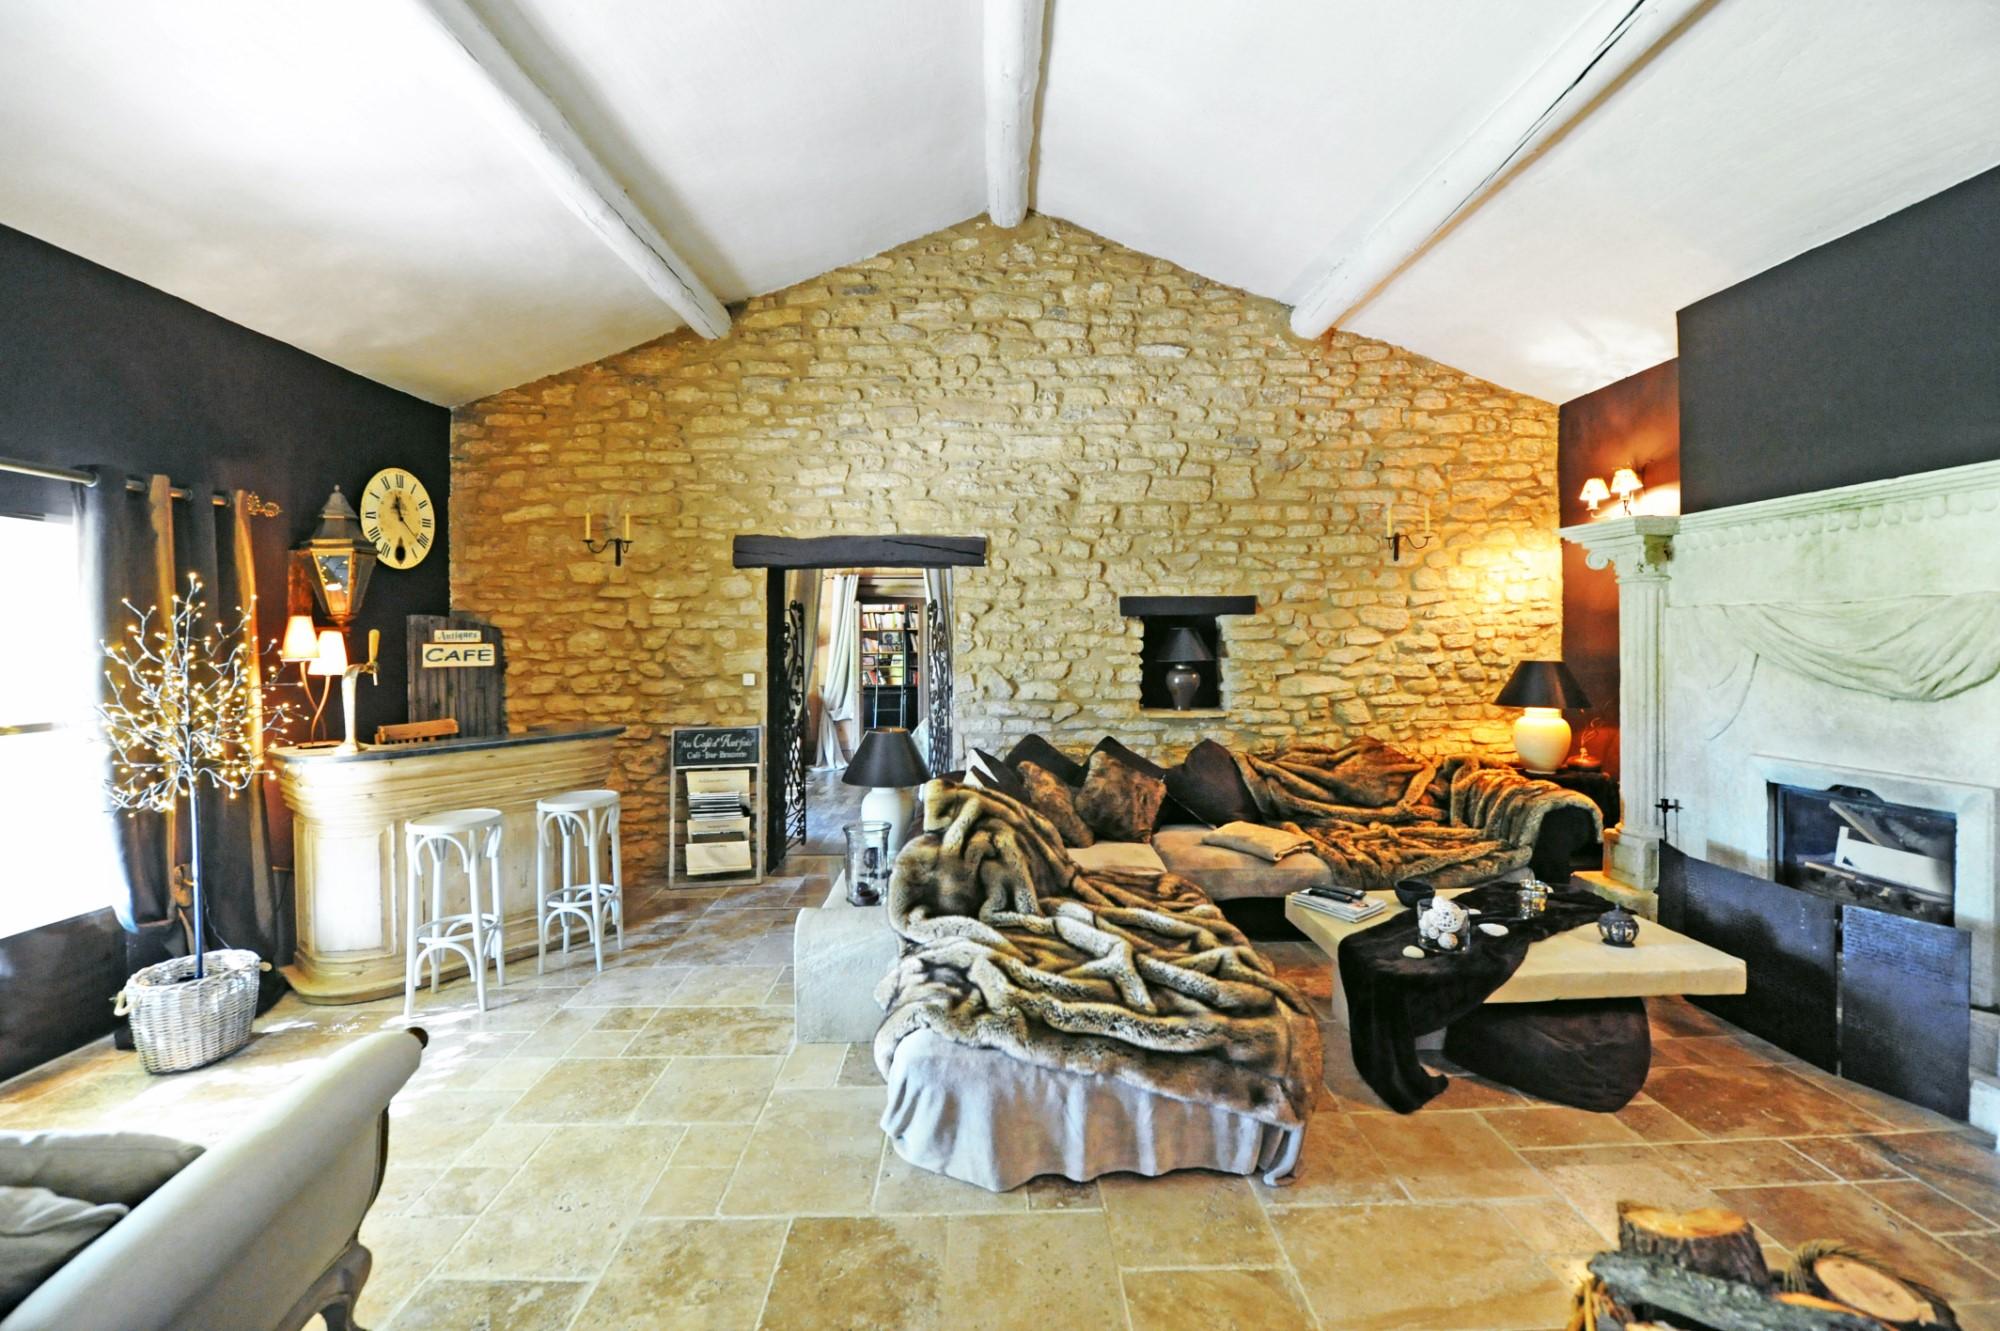 A vendre,  belle propriété de famille à proximité de l'Isle sur la Sorgue